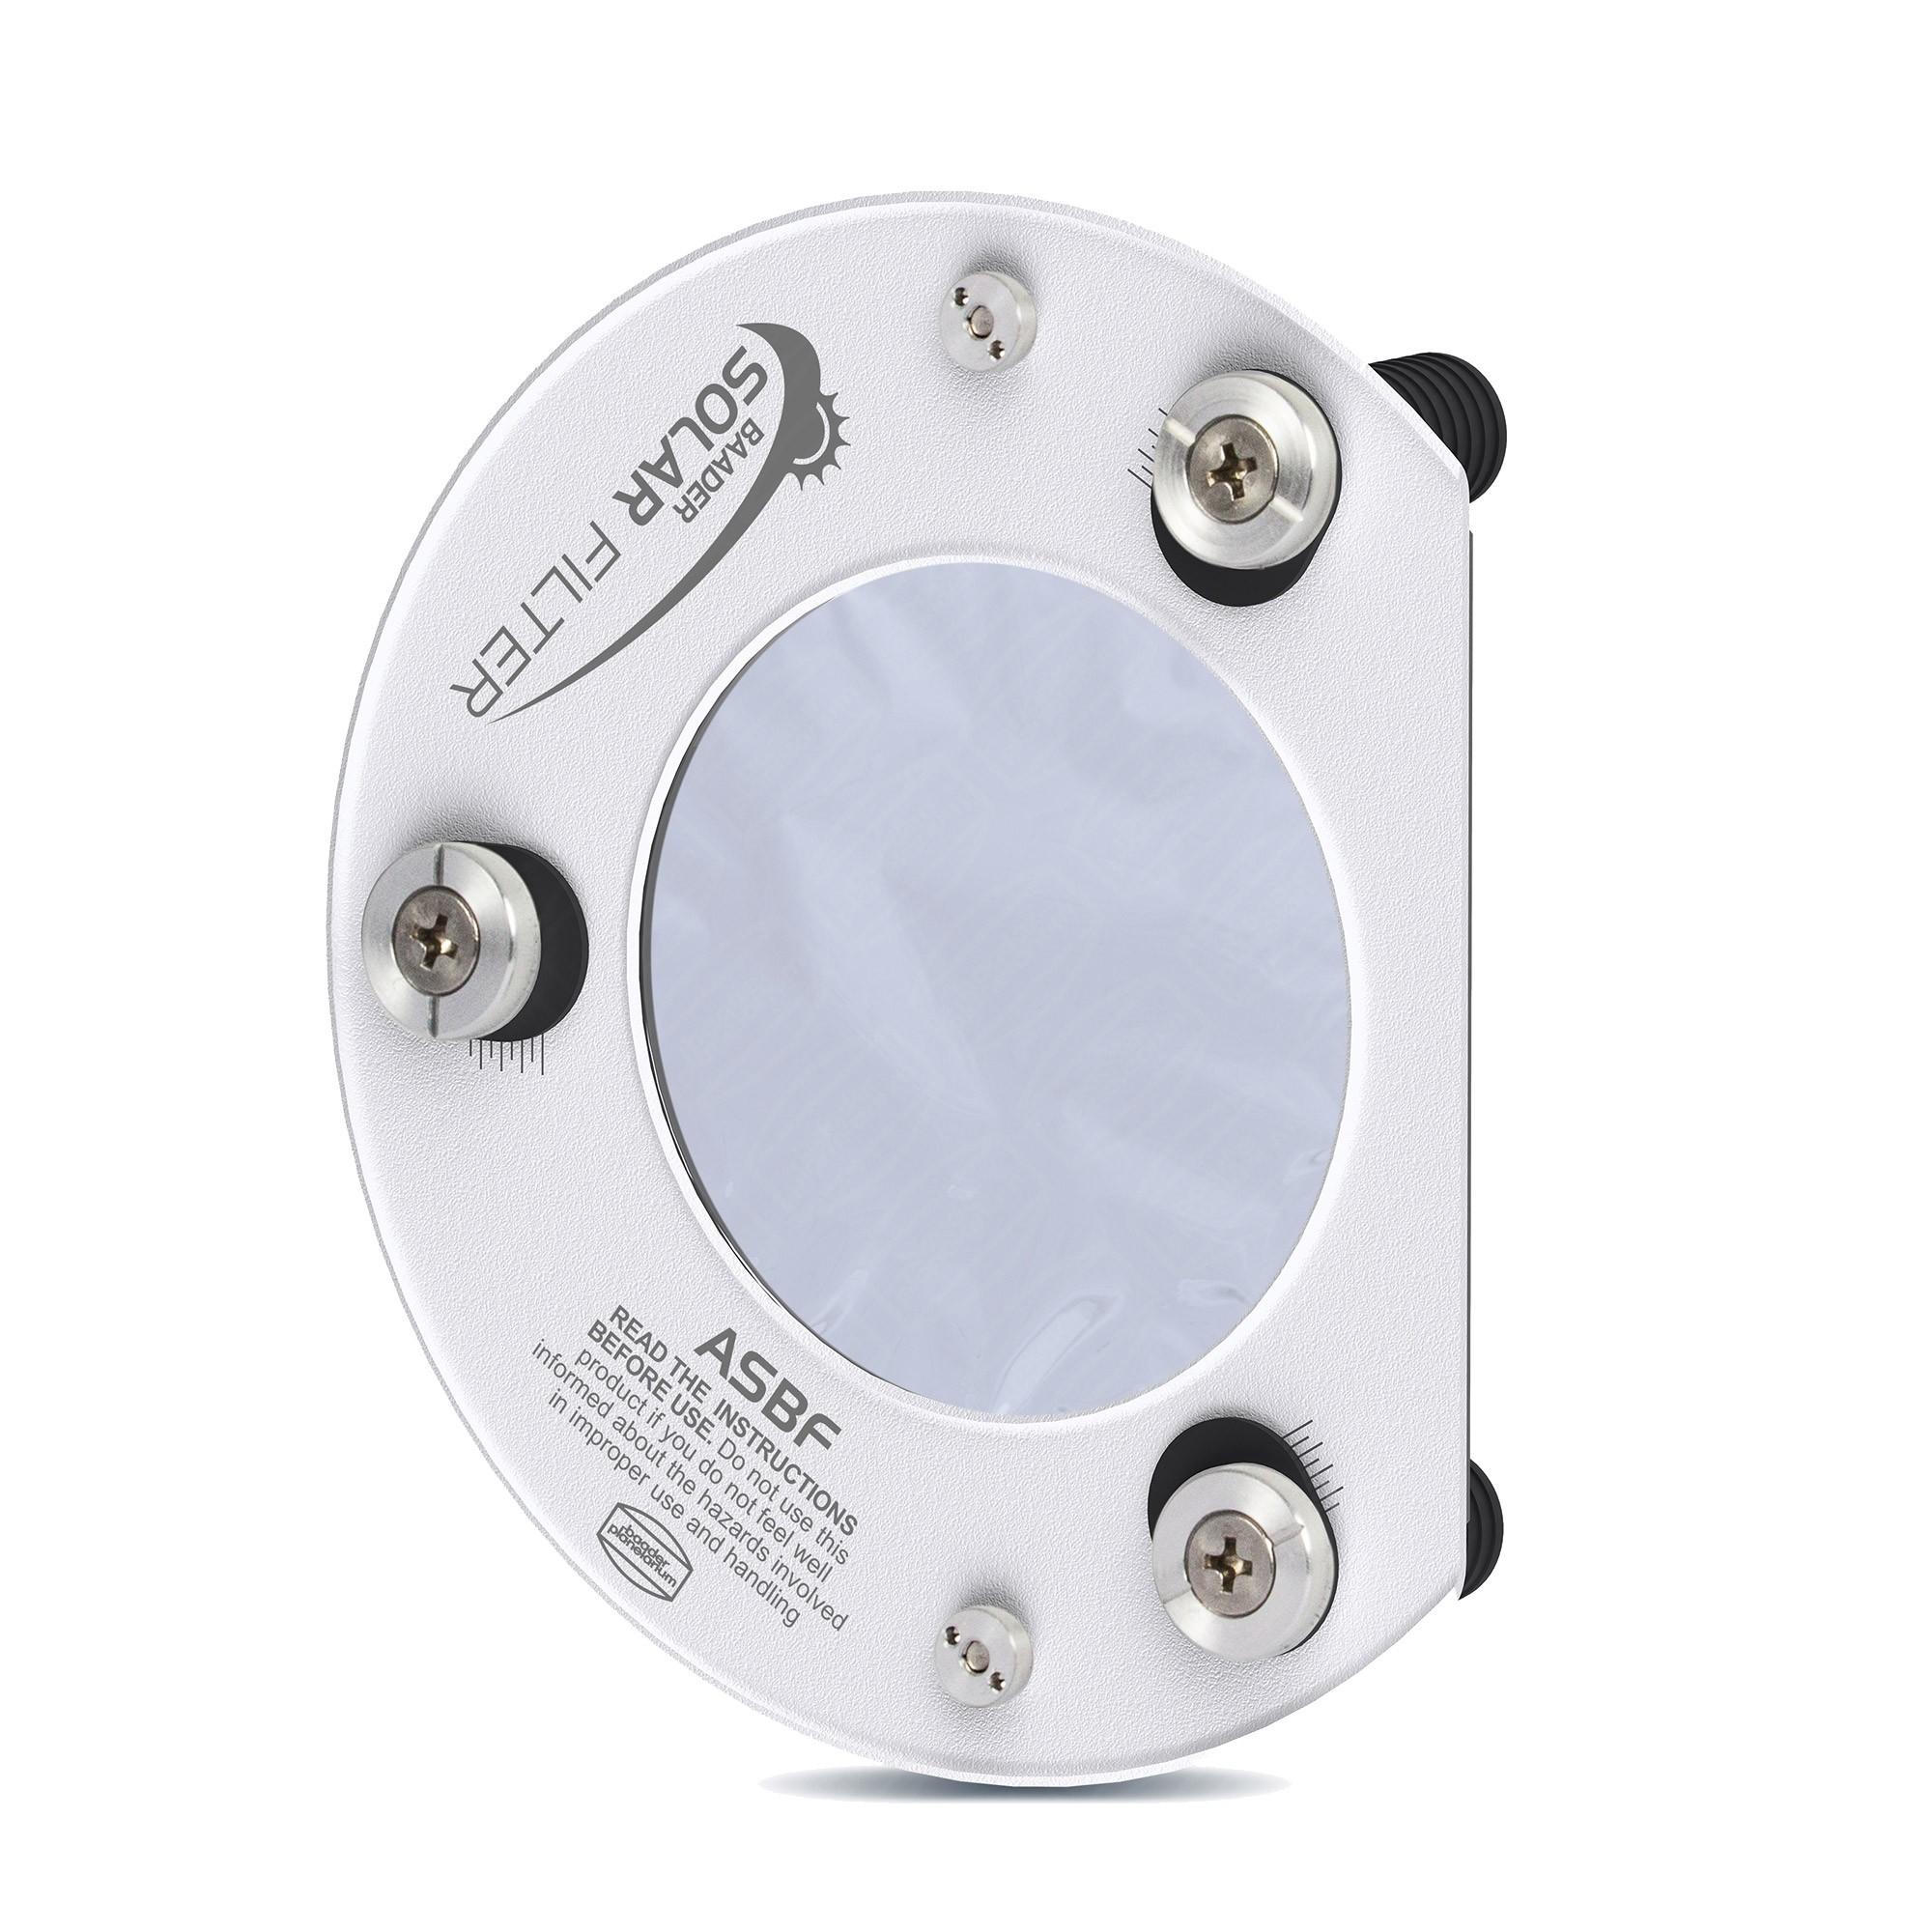 ASBF: AstroSolar Binokular Filter OD 5.0 (50mm - 100mm)